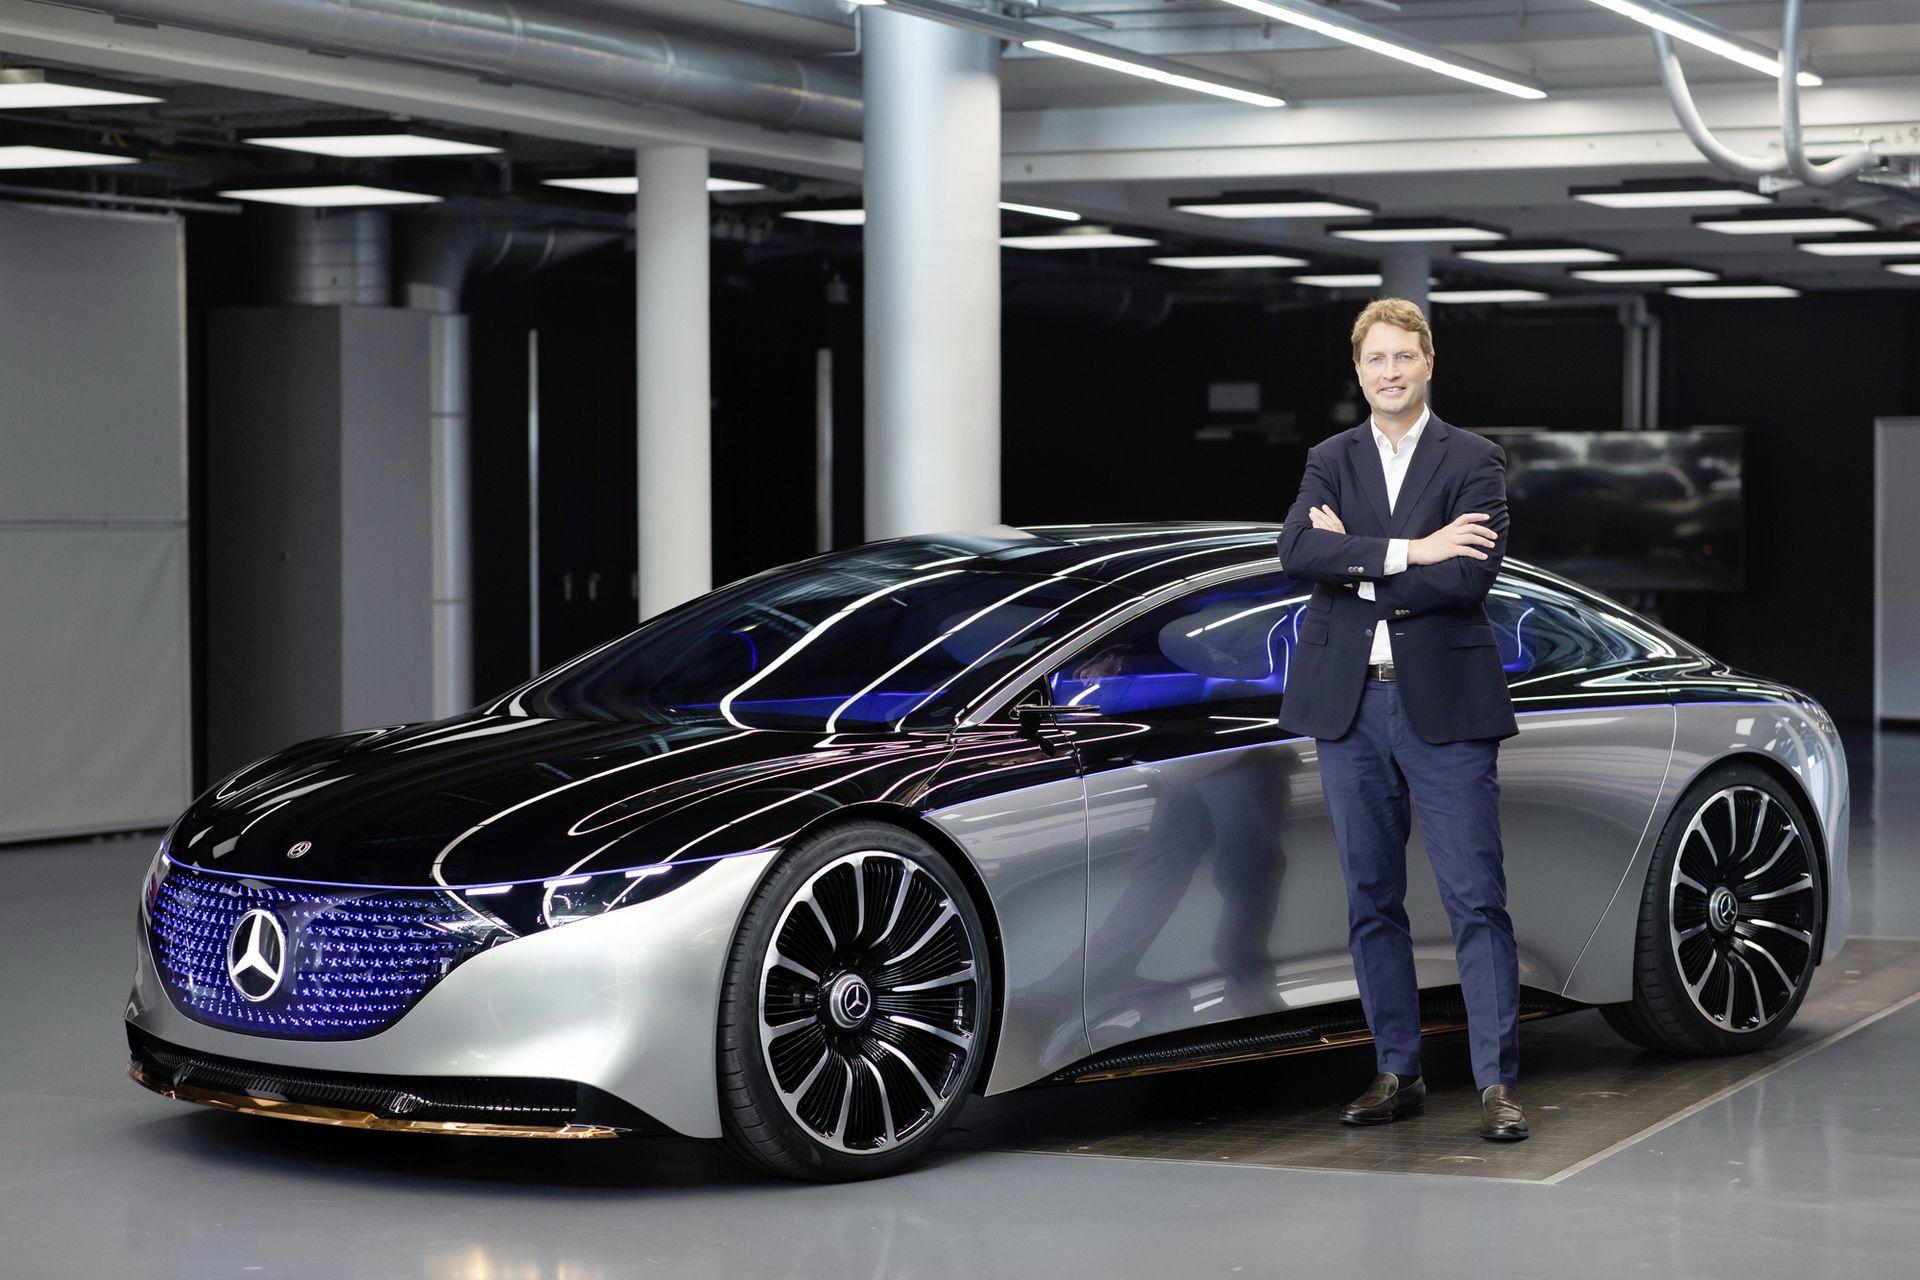 Chấn động thông tin Mercedes-Benz sa thải hơn 1000 lãnh đạo, không tăng lương cho hàng trăm công nhân - 1